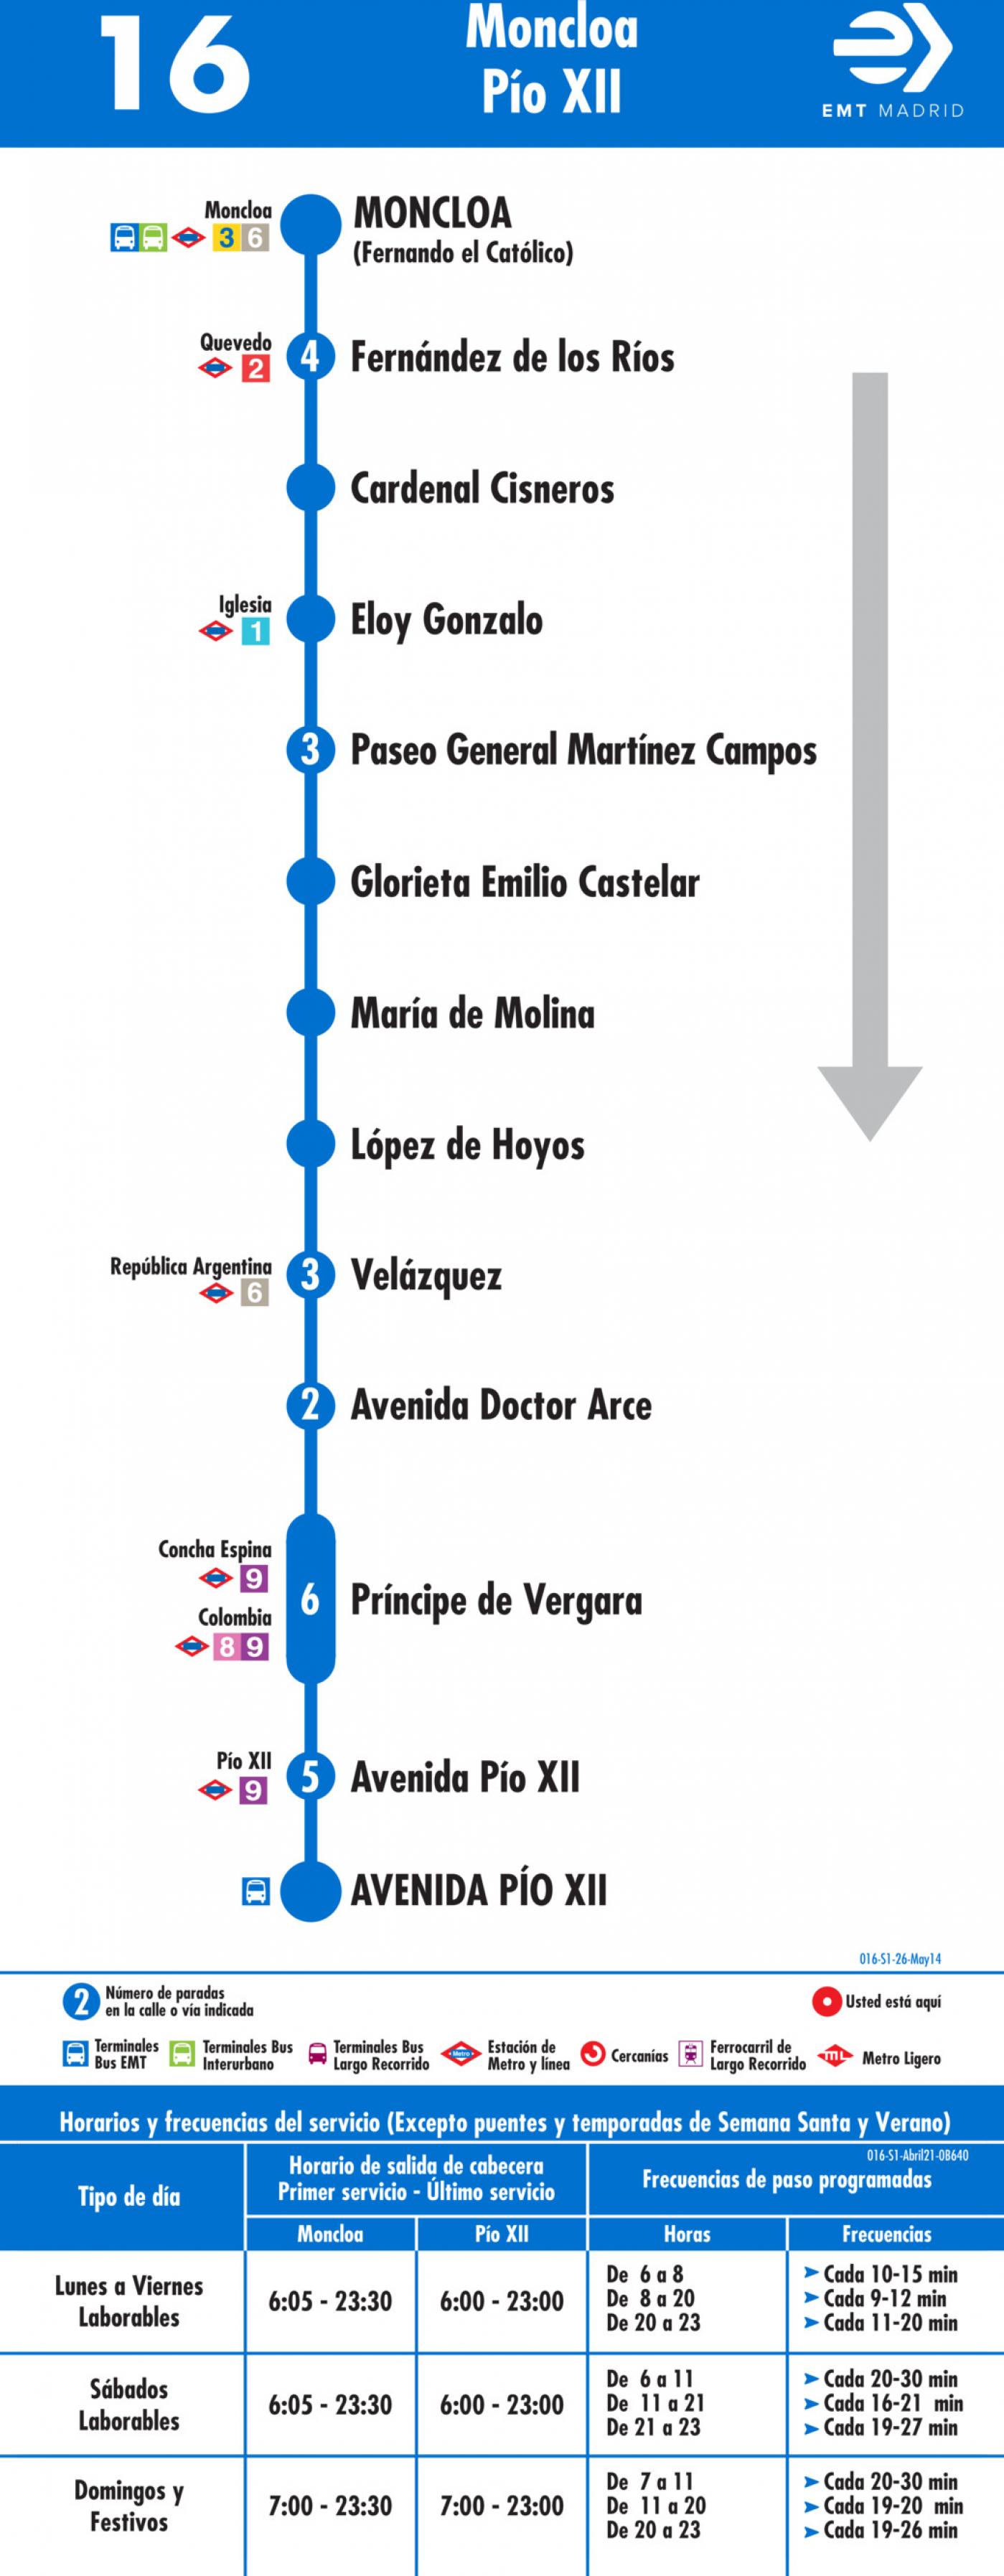 Tabla de horarios y frecuencias de paso en sentido ida Línea 16: Moncloa - Avenida de Pío XII